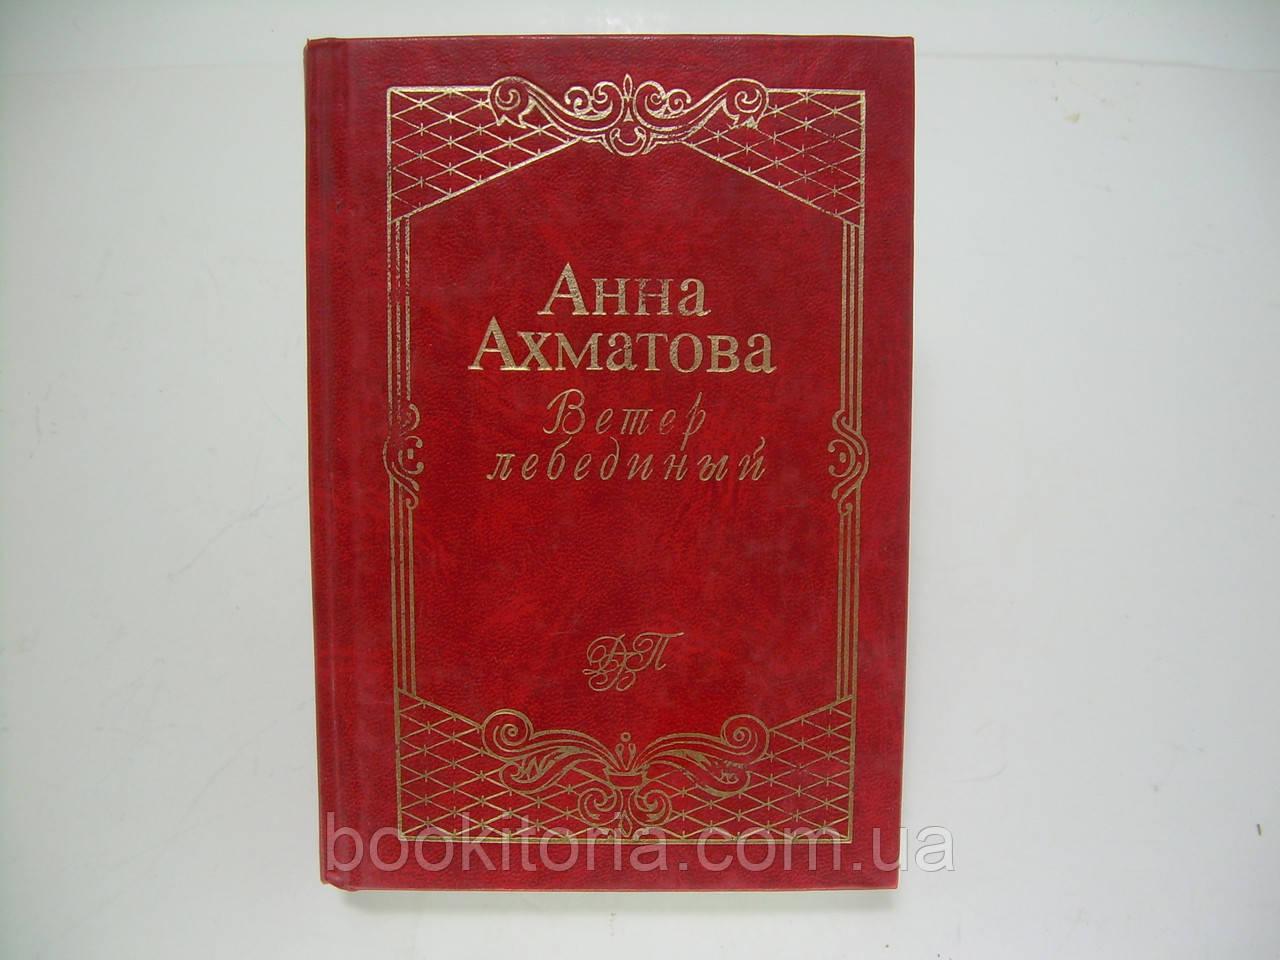 Ахматова А.А. Ветер лебединый. Стихотворения и поэмы (б/у).